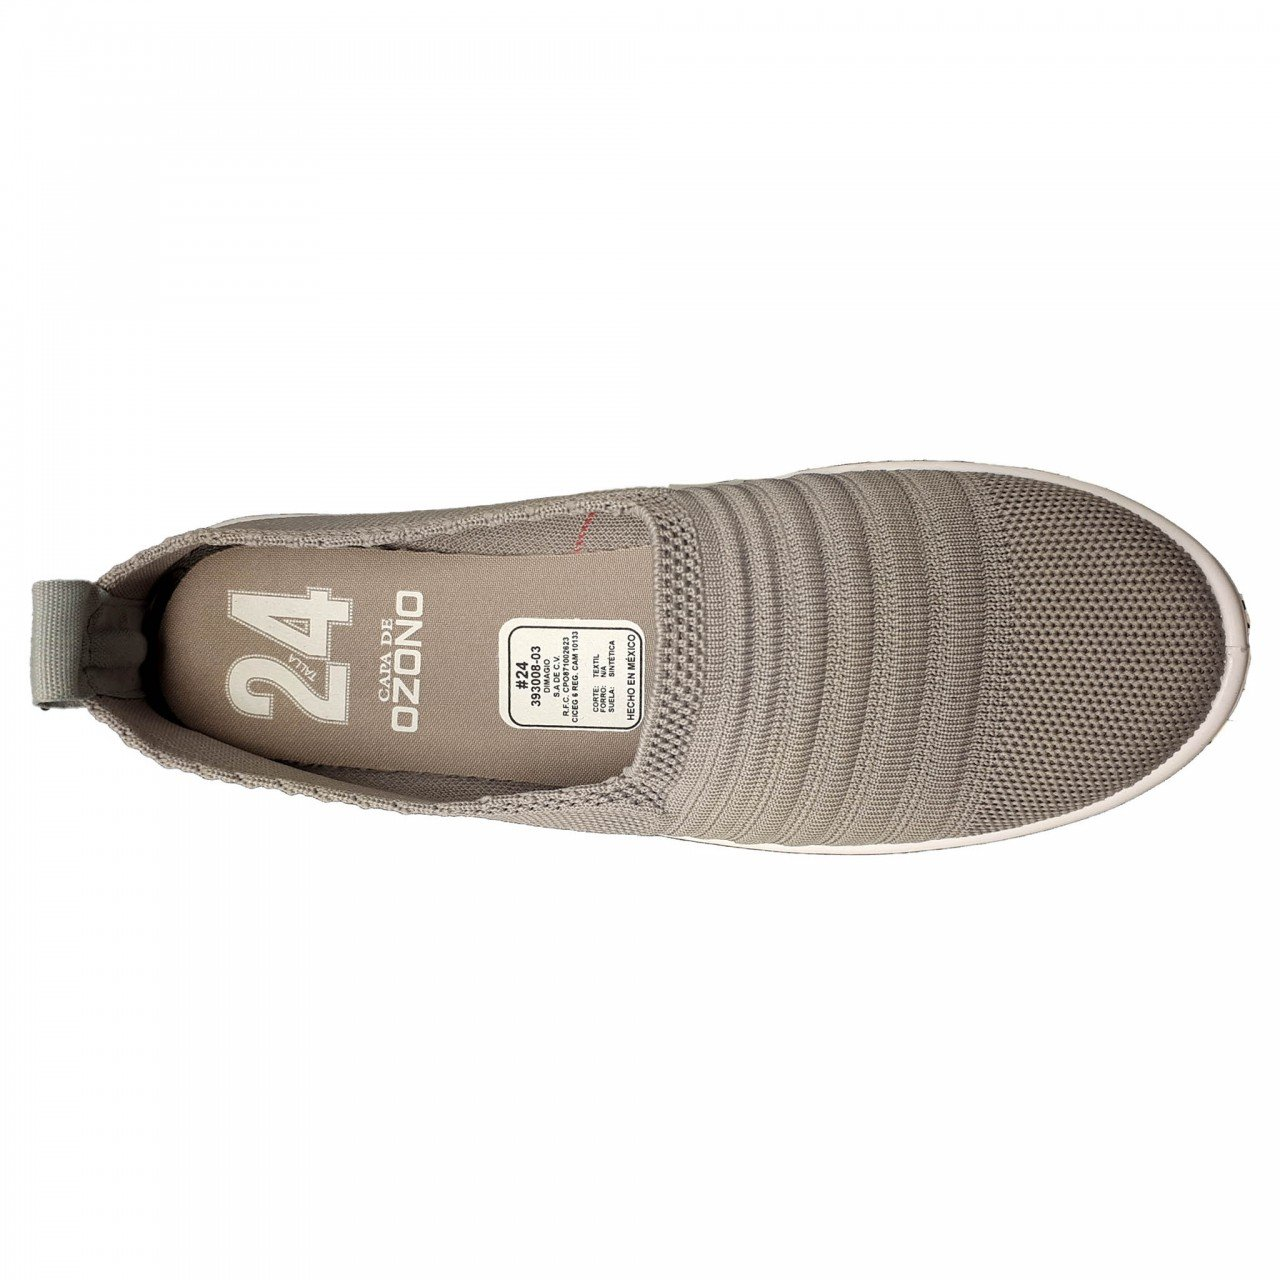 Tenis gris para mujer Capa de Ozono 393008